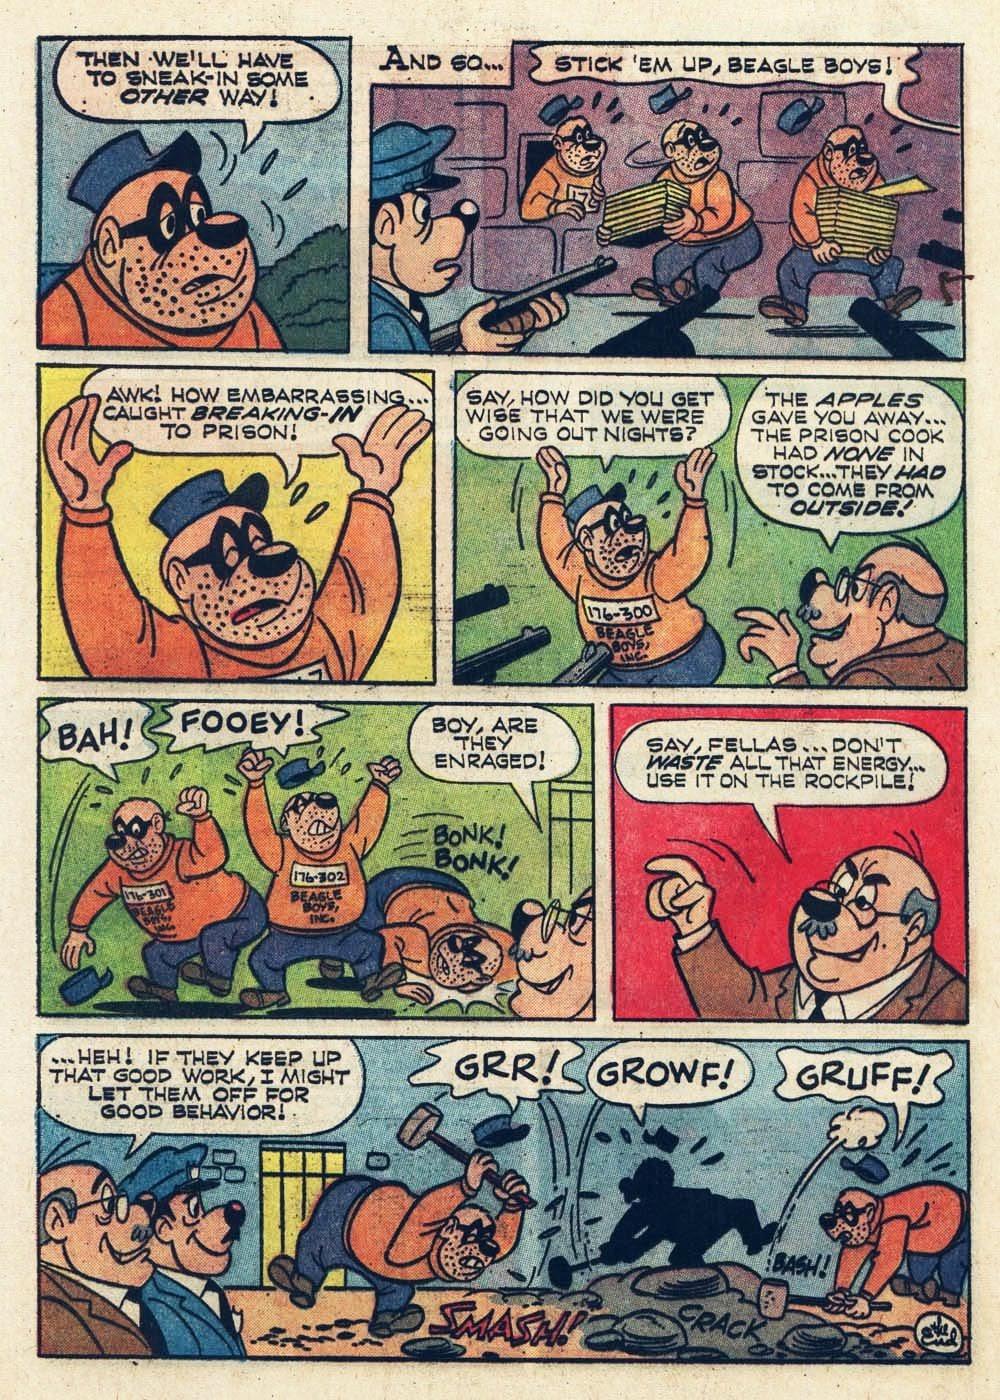 Walt Disney THE BEAGLE BOYS issue 6 - Page 12